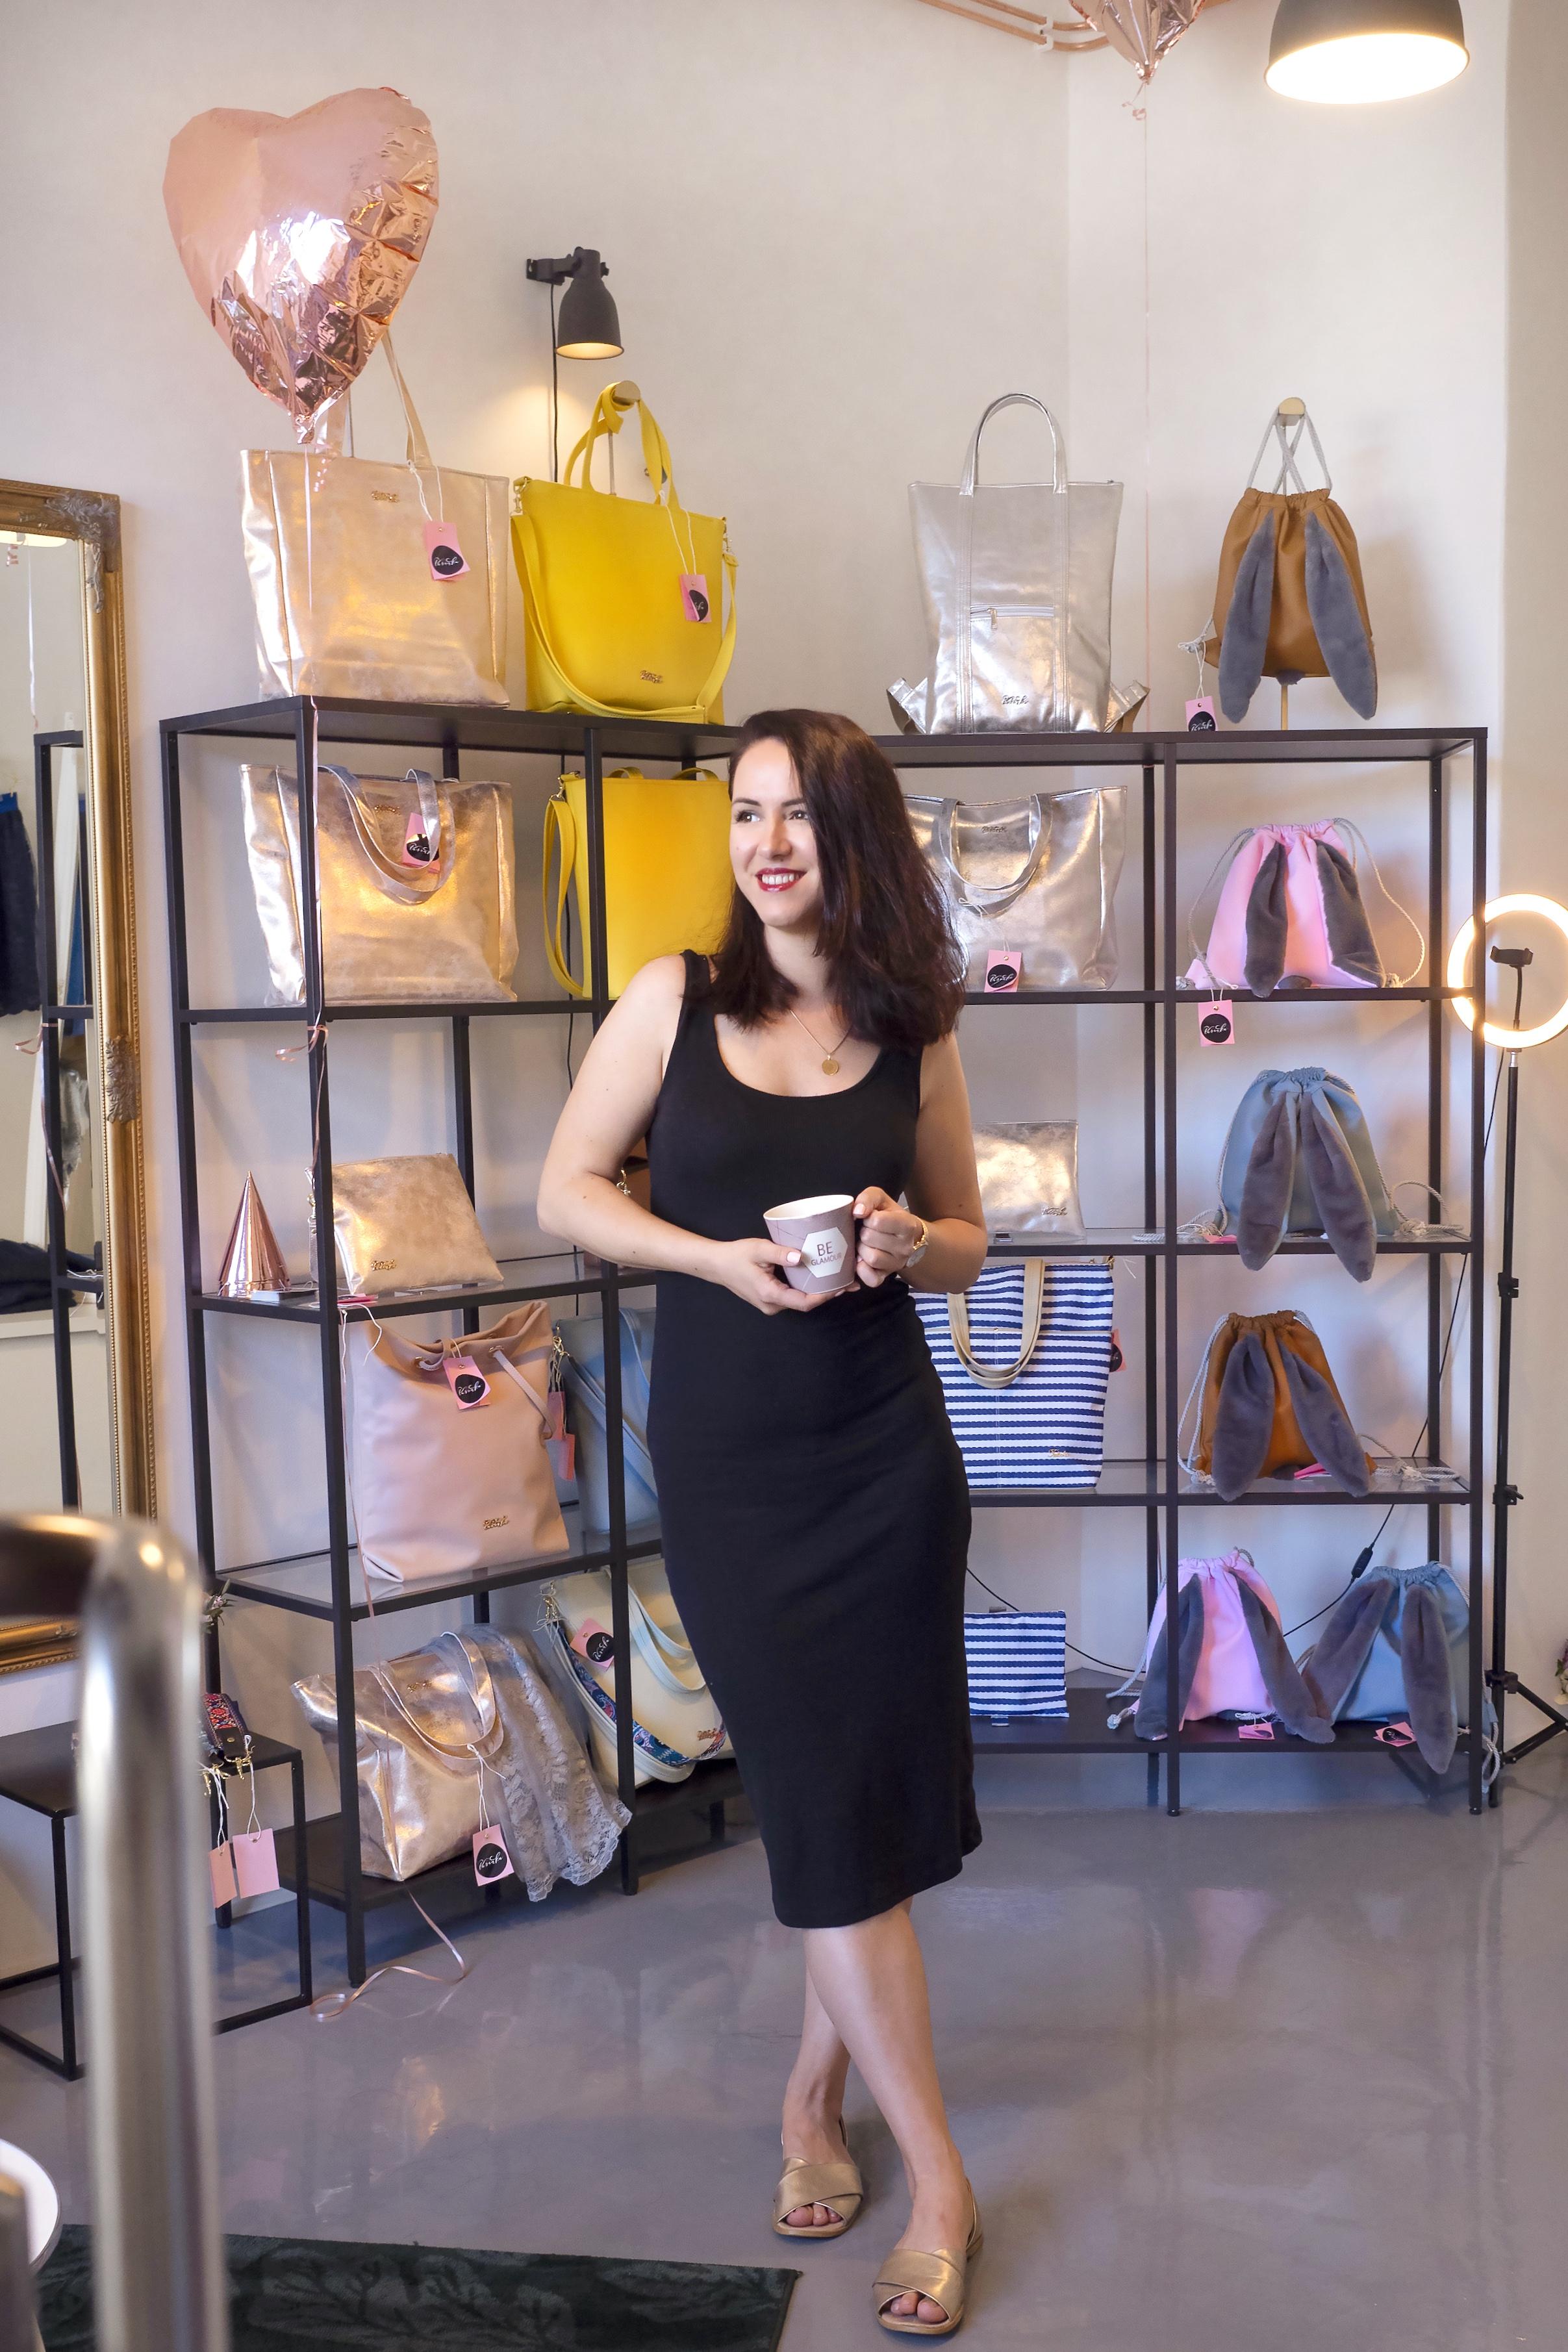 Království kabelek, zrcadel a všech holčičích snů. Tašenka otevírá nový showroom v Ostravě.